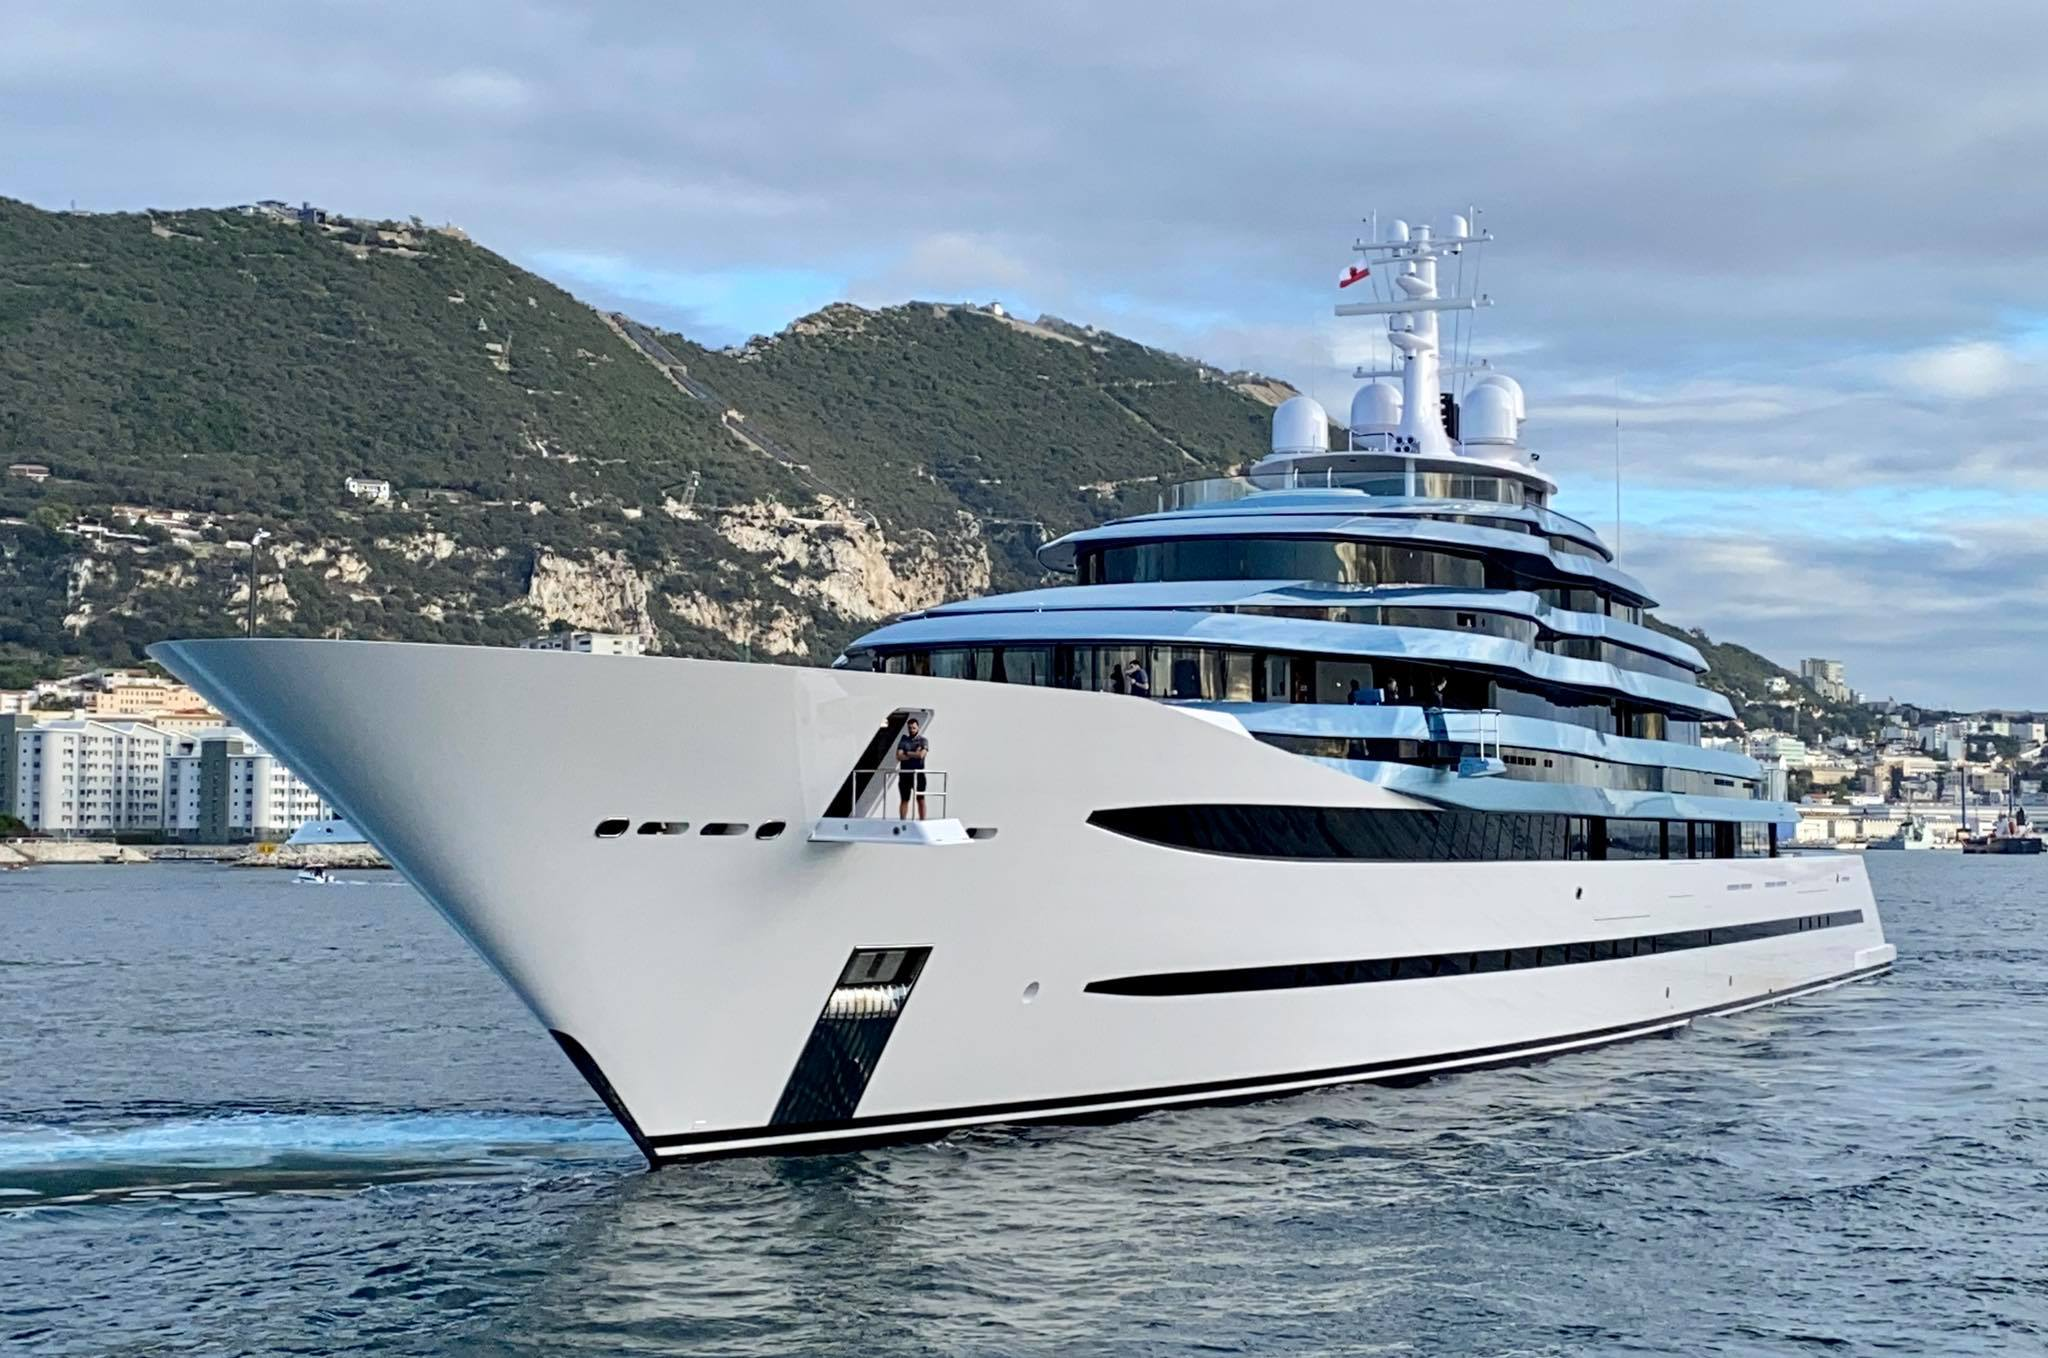 yacht KAOS - 110m - Oceanco